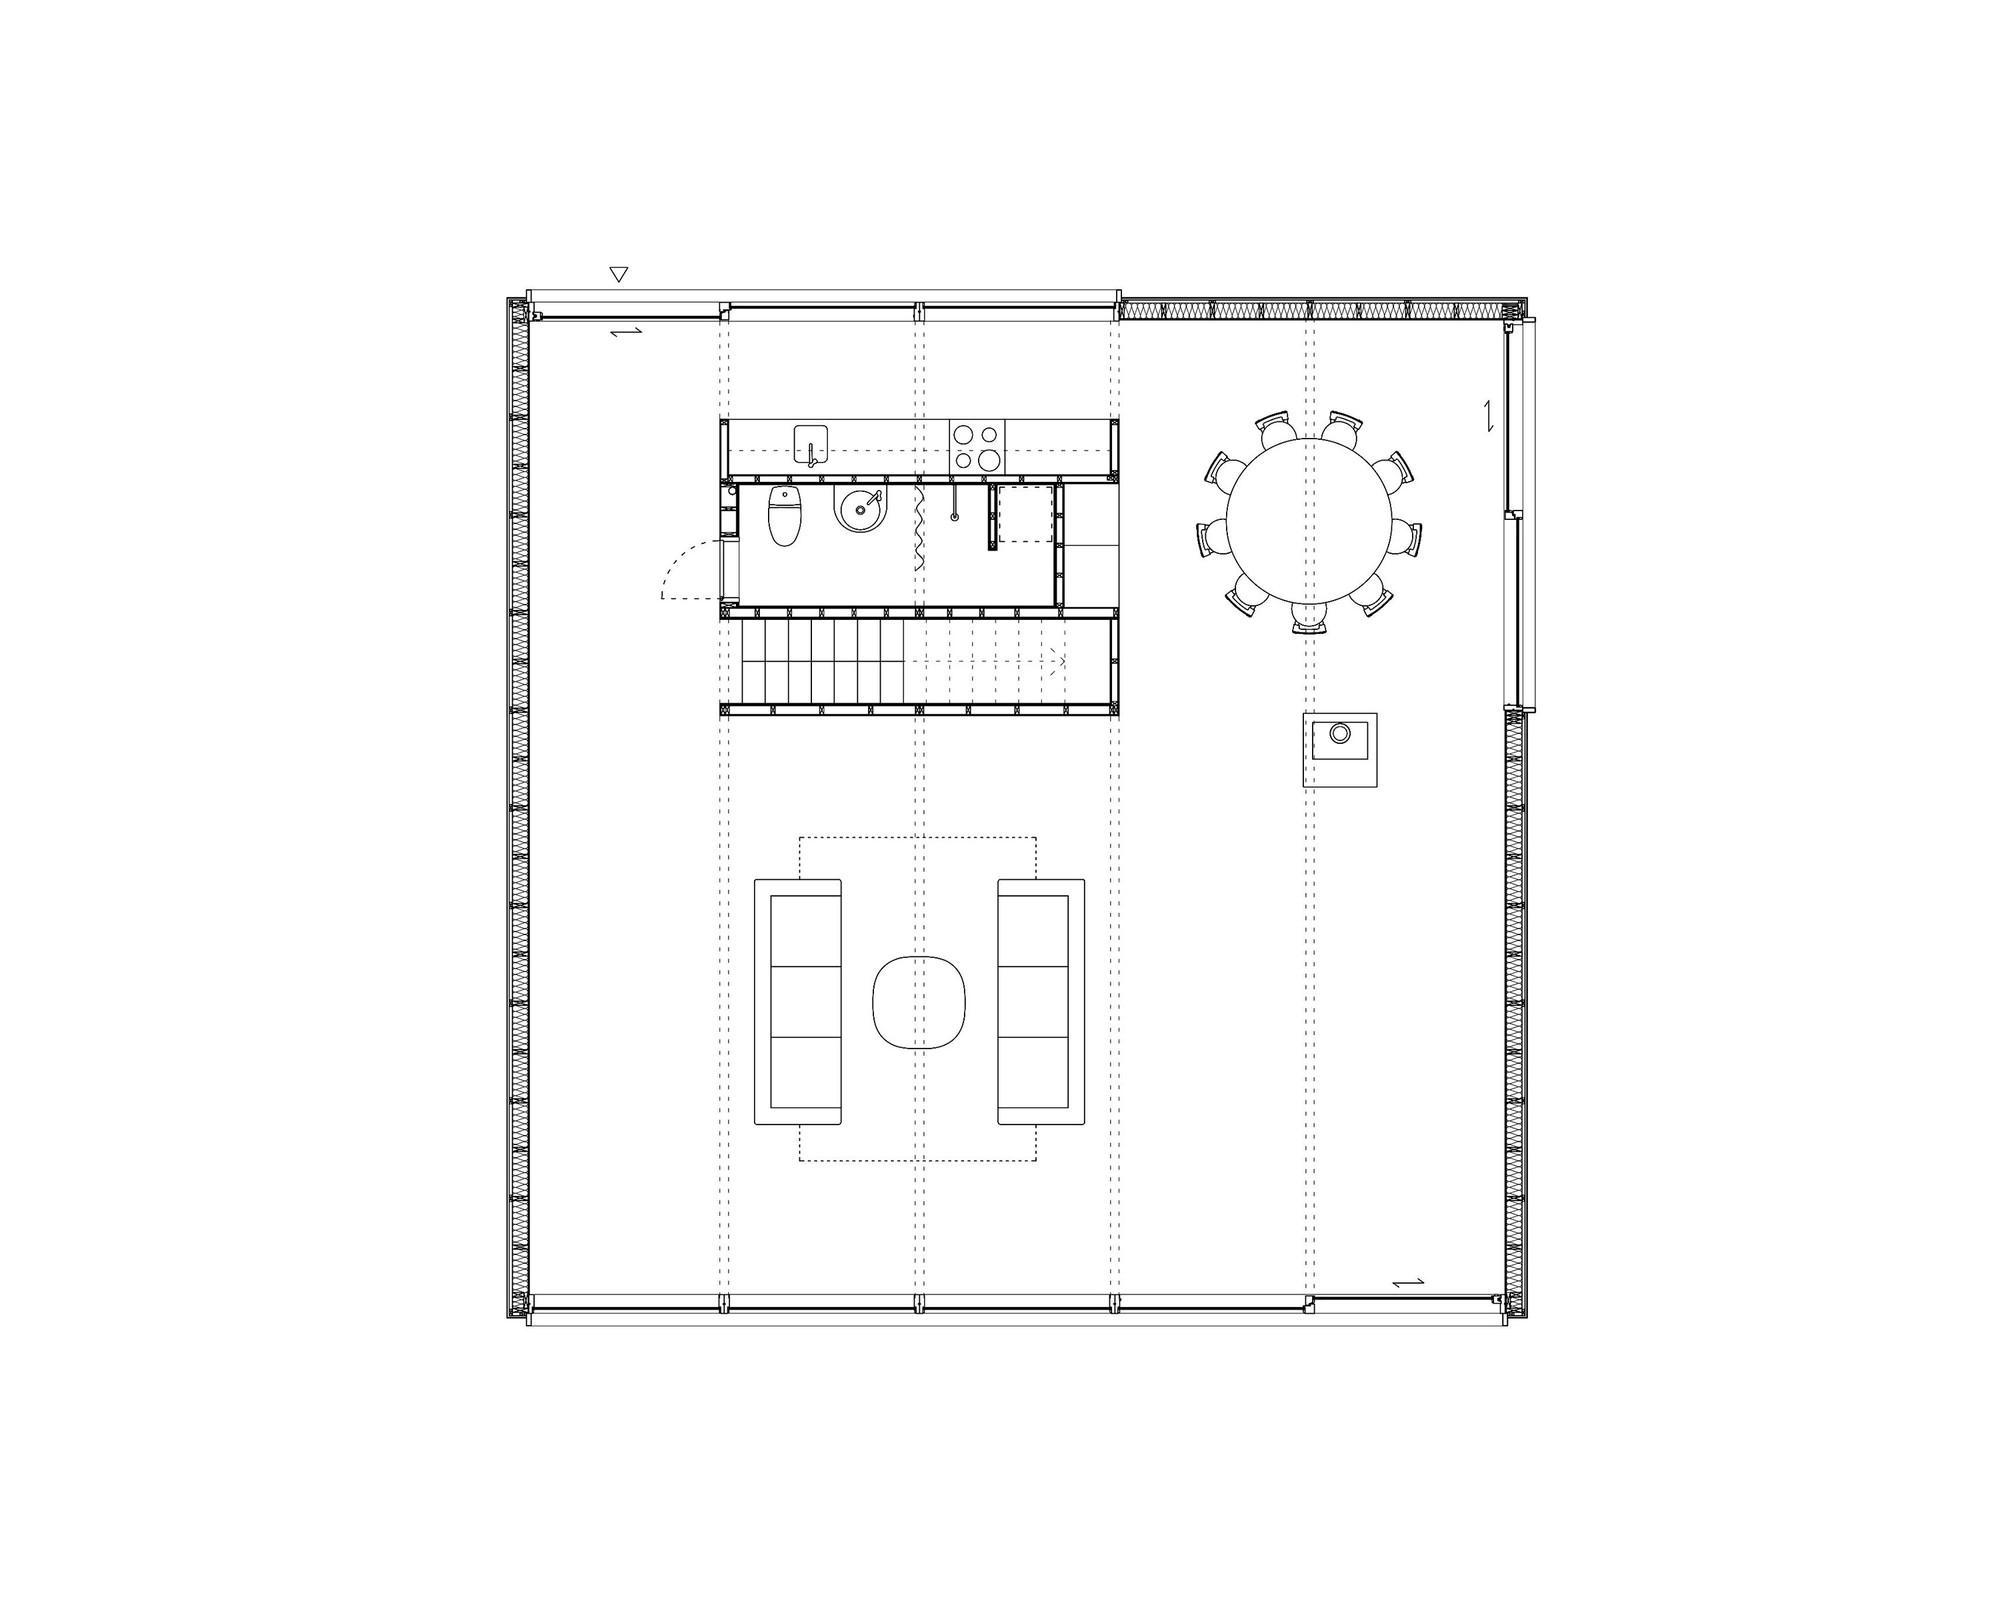 house husarö tham u0026 videgård arkitekter archdaily